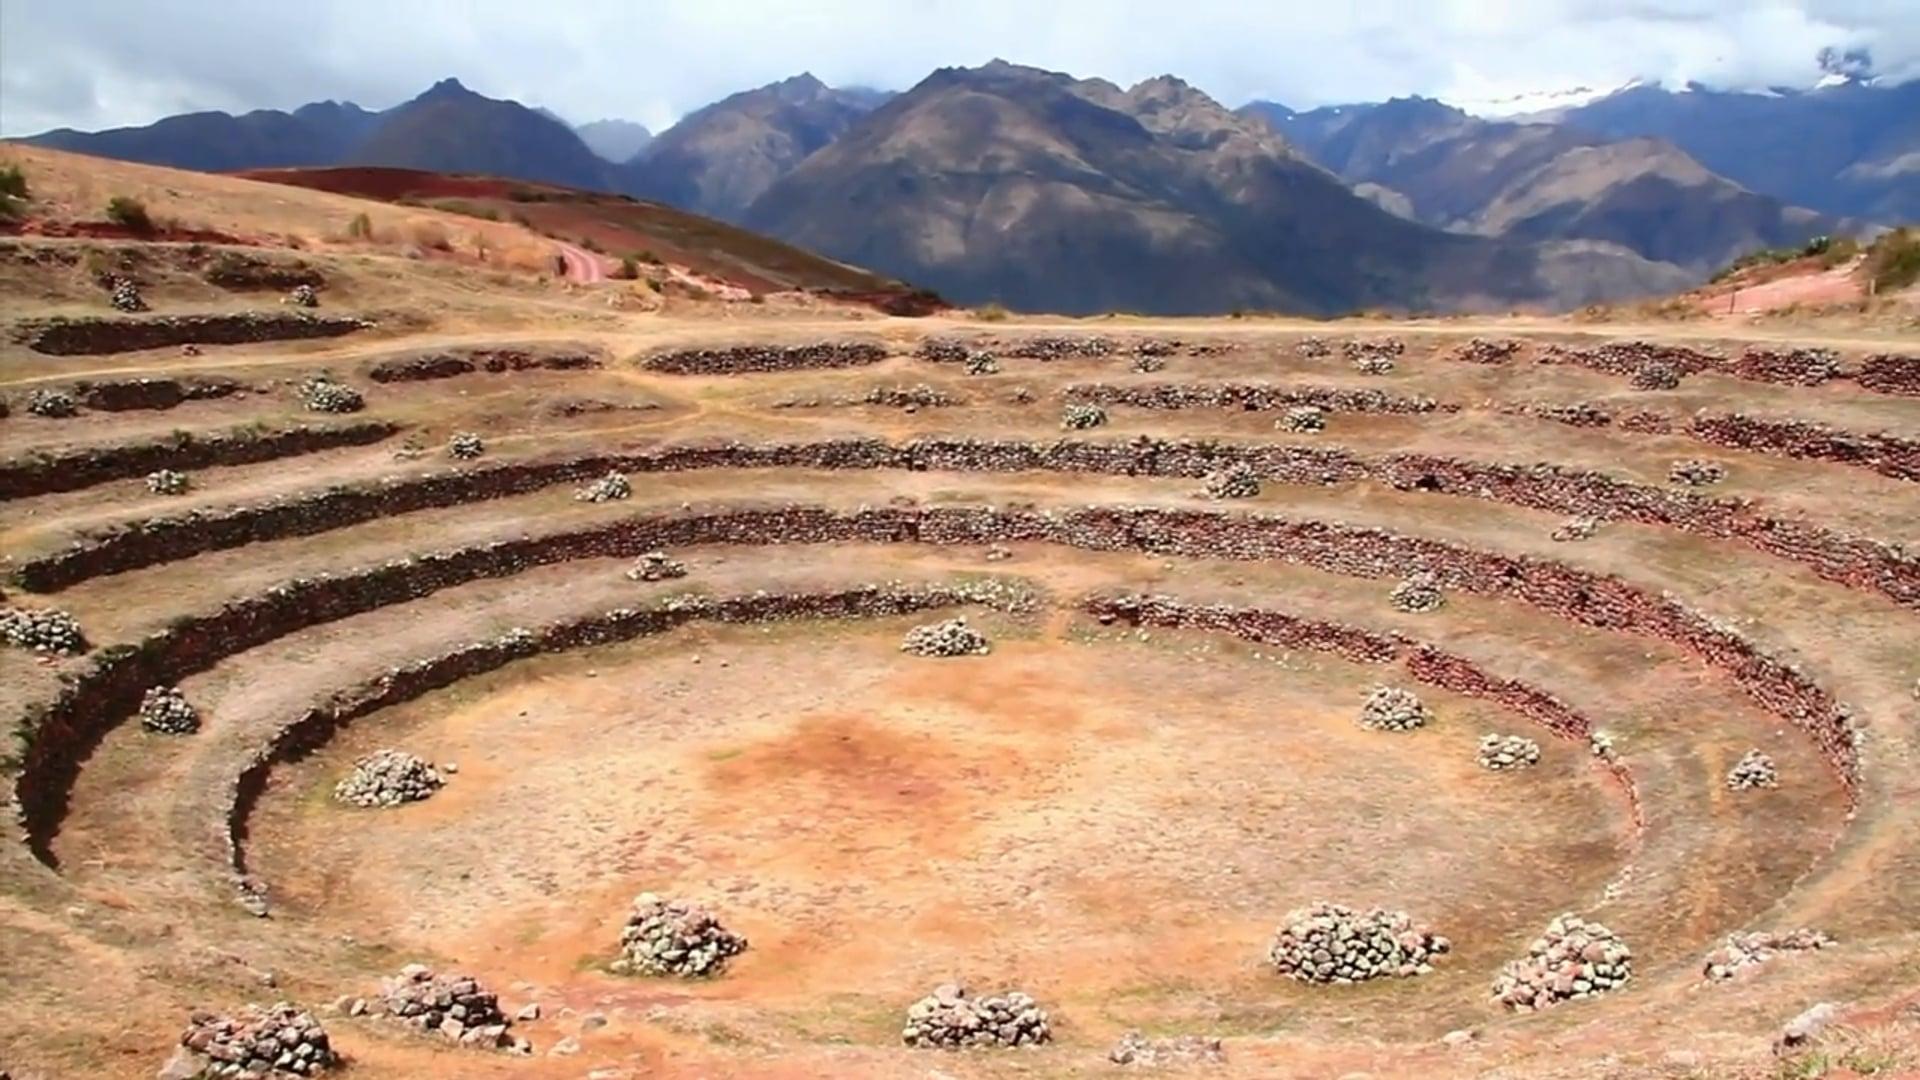 Découverte Moray et les salines de Maras (Pérou)